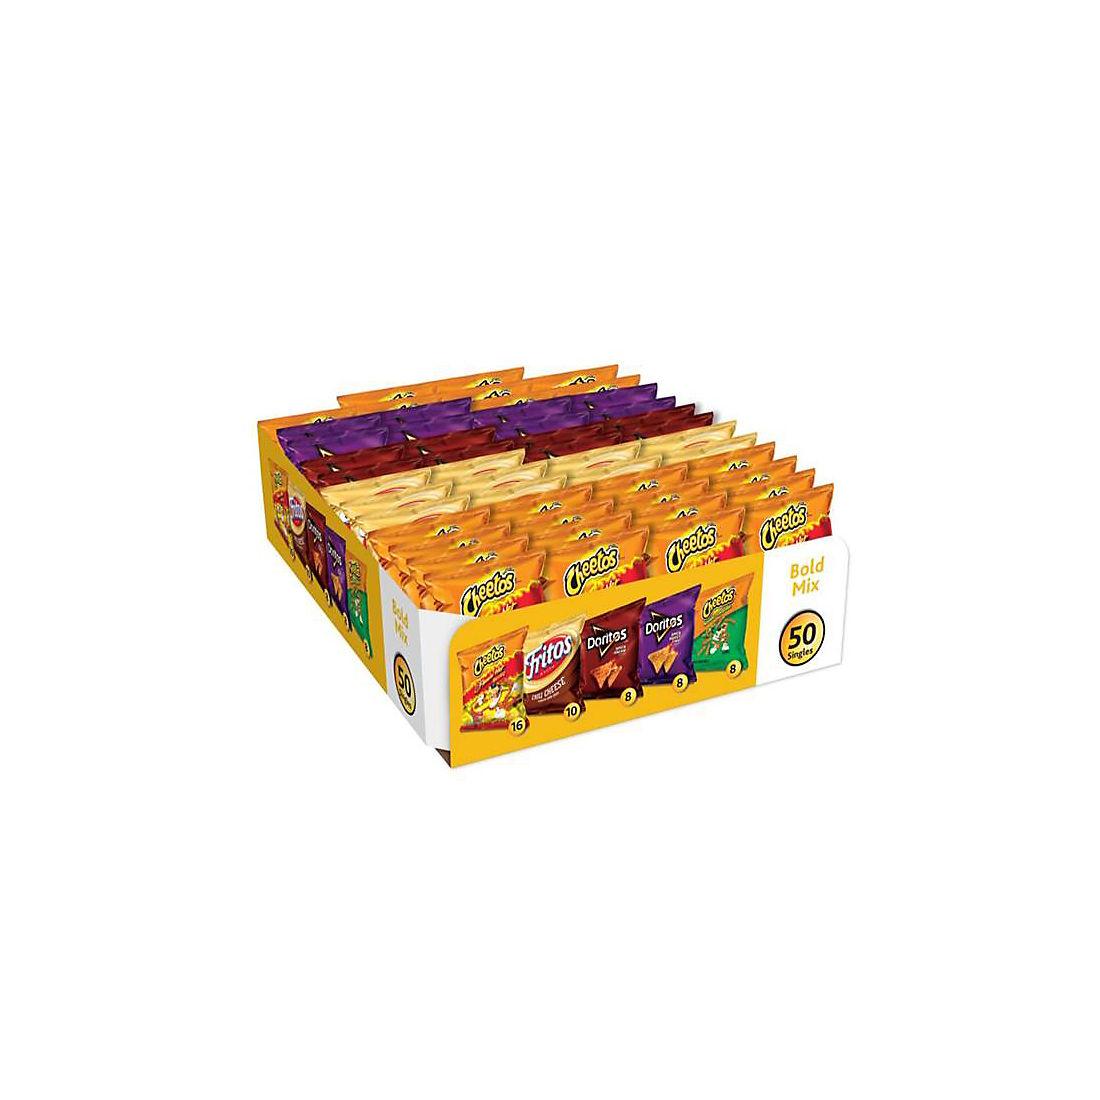 Frito-Lay Bold Mix Variety Pack, 50 ct